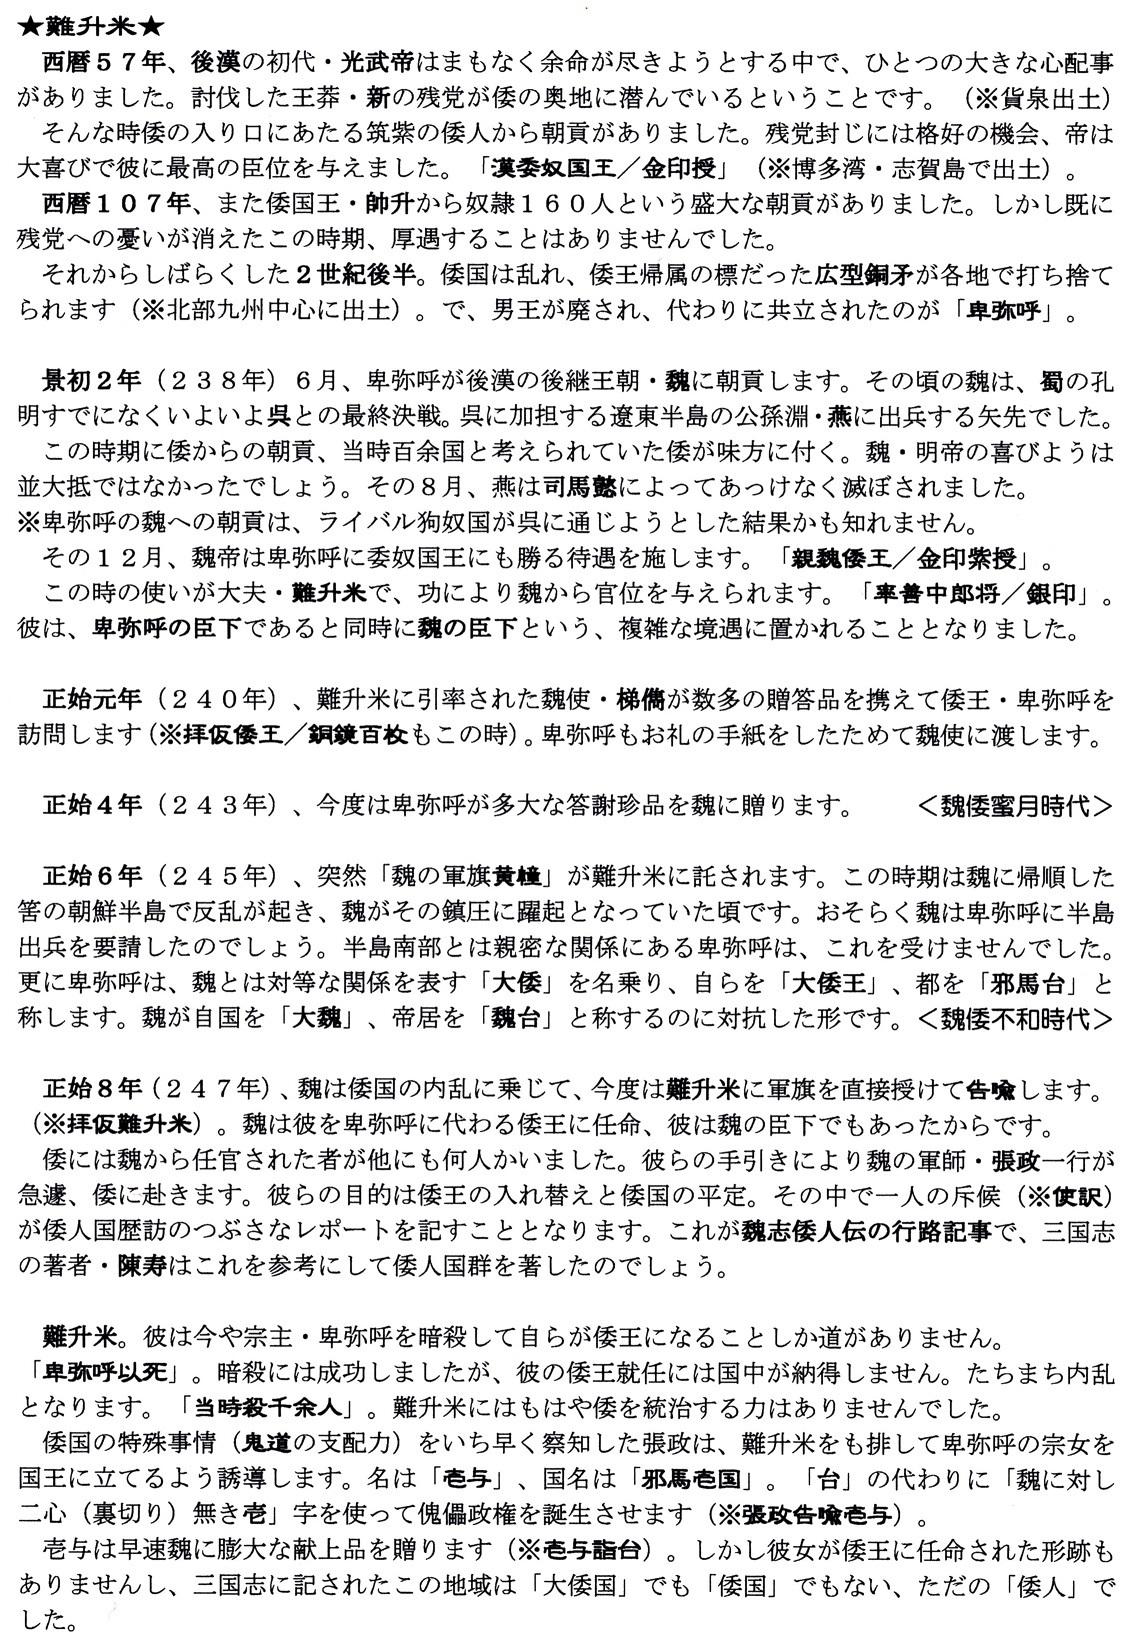 ☆邪馬台国◇紀氏倭国史・: pentacross 古代☆ペンタクロス文化 ...